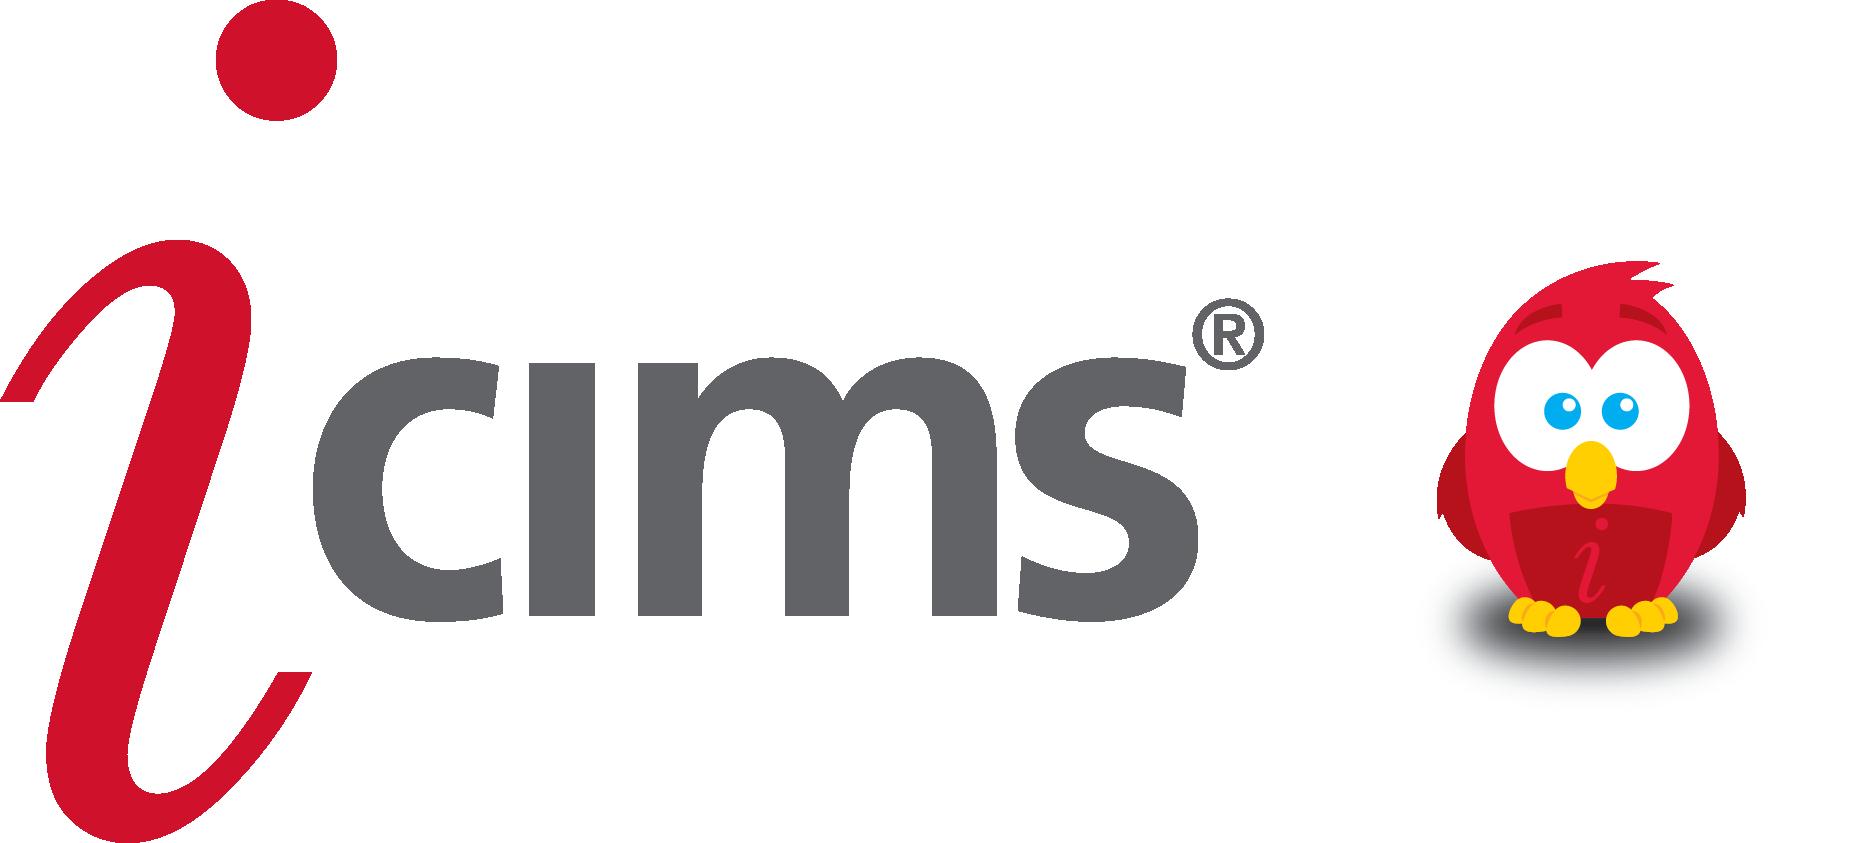 iCIMS Logo Ike Lockup - Transparent Background